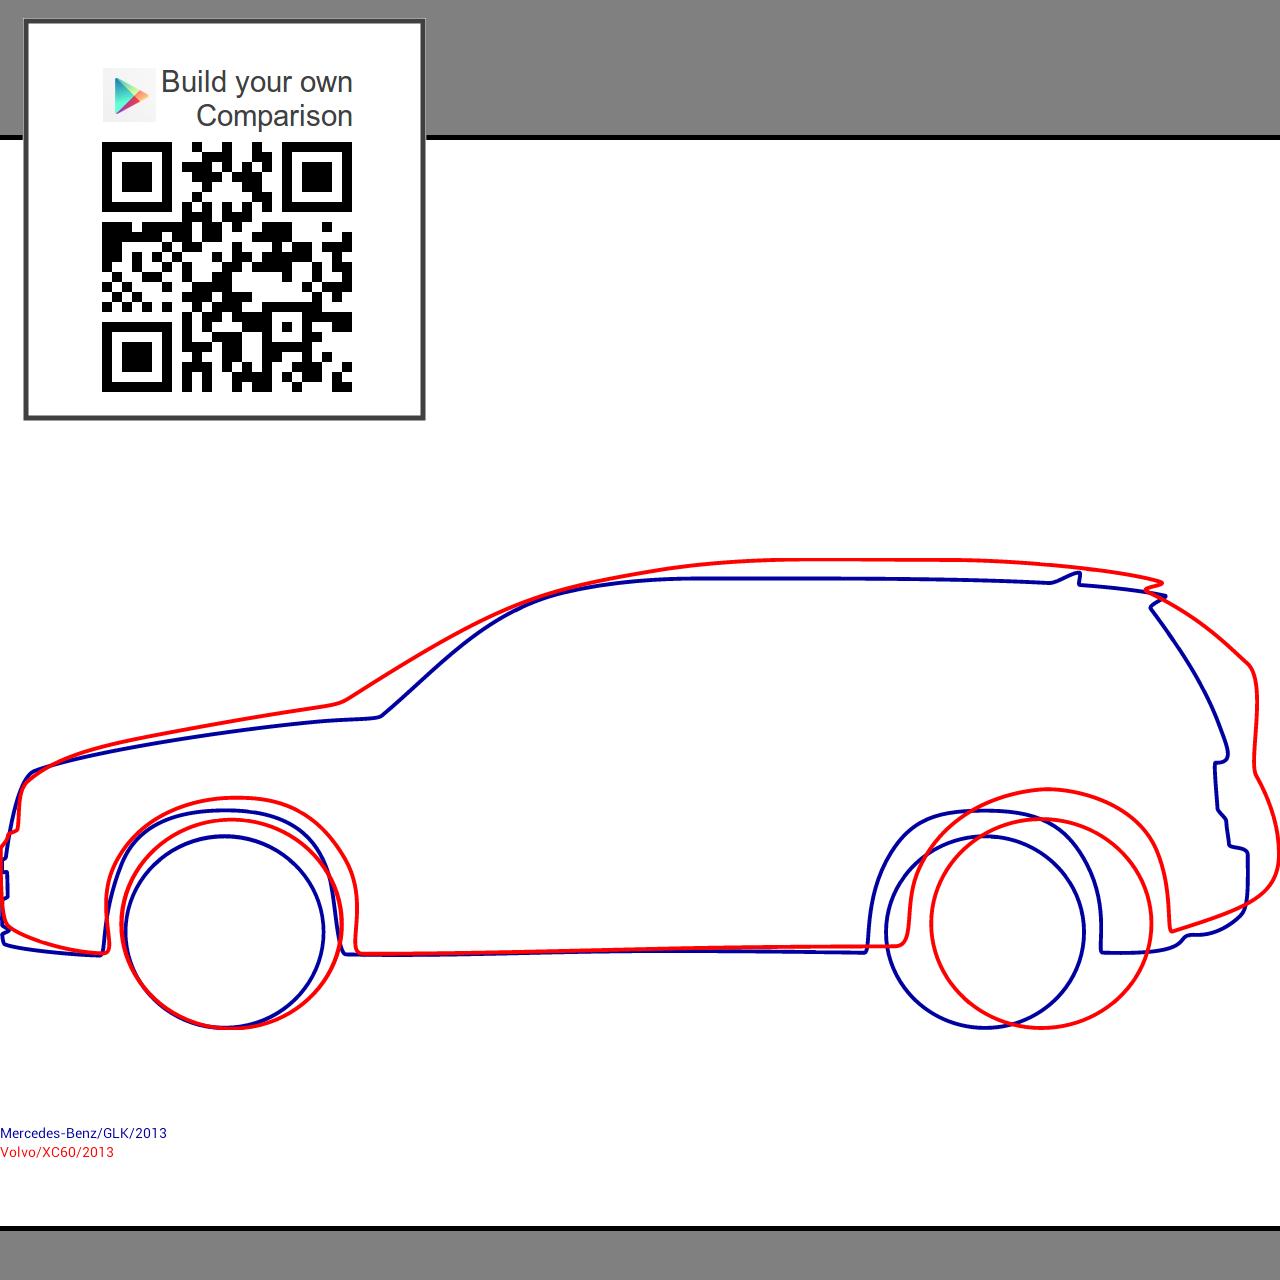 Mercedes benz glk 2013 vs volvo xc60 2013 compare dimensions visually www car compare org